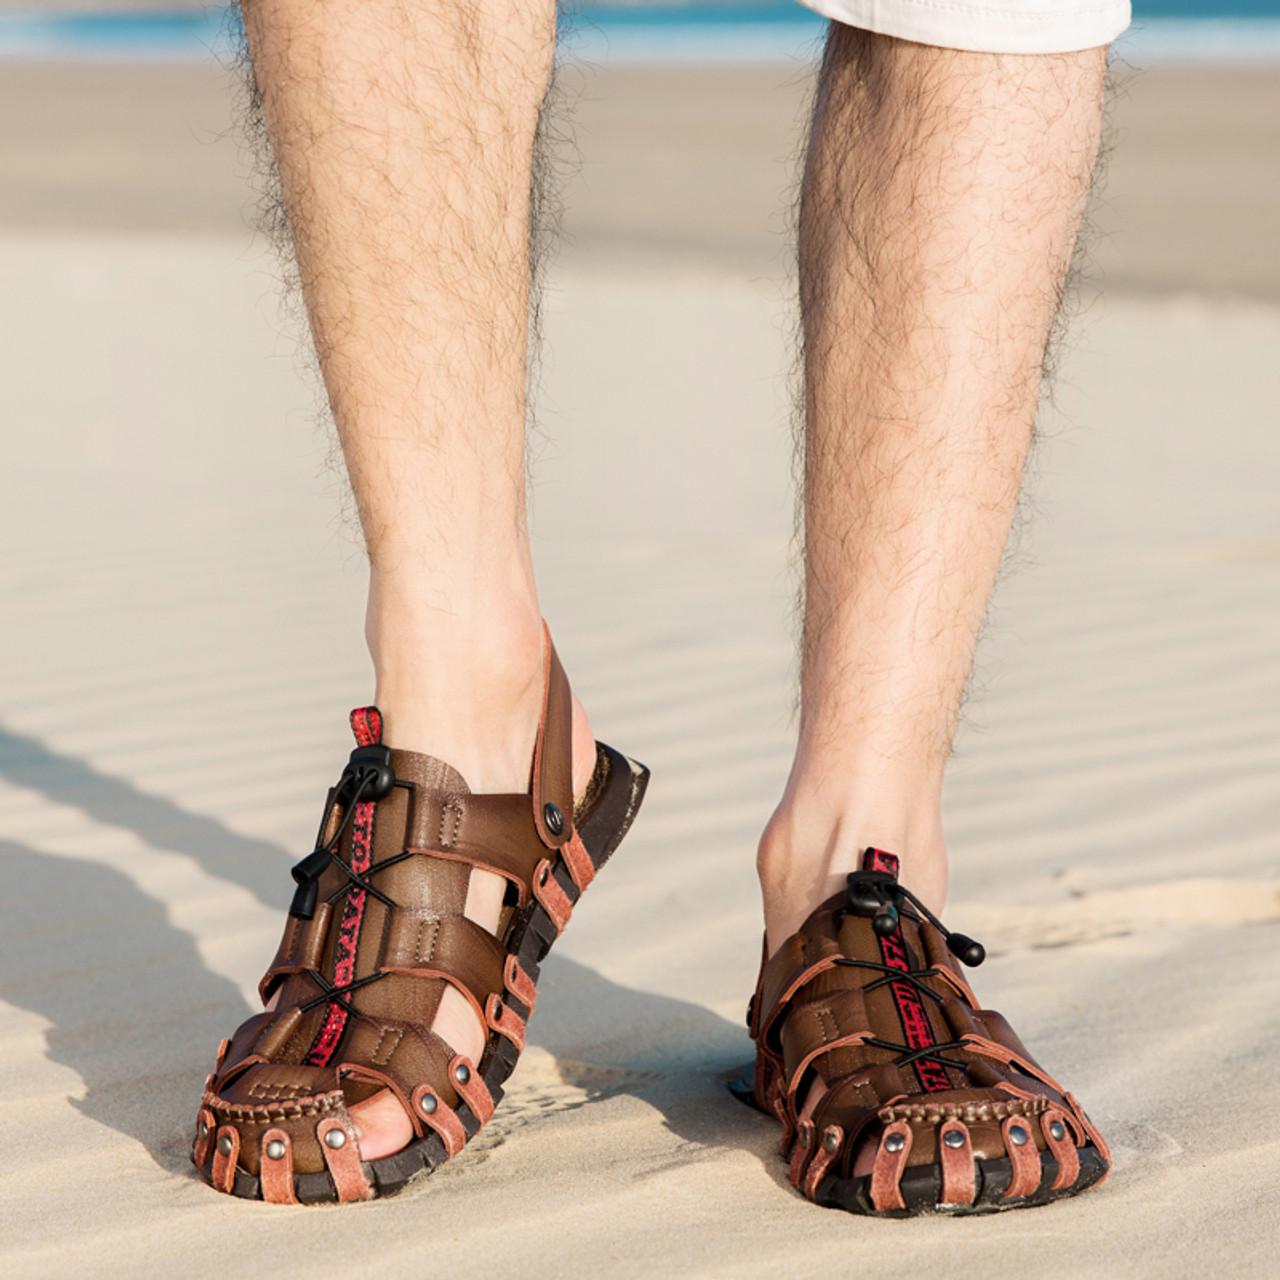 820767025 ... BIMUDUIYU 2019 New Sandals Men Shoes Closed Toe Beach Lightweight  Slippers Sandals Classic Roman Sandals Outdoor ...